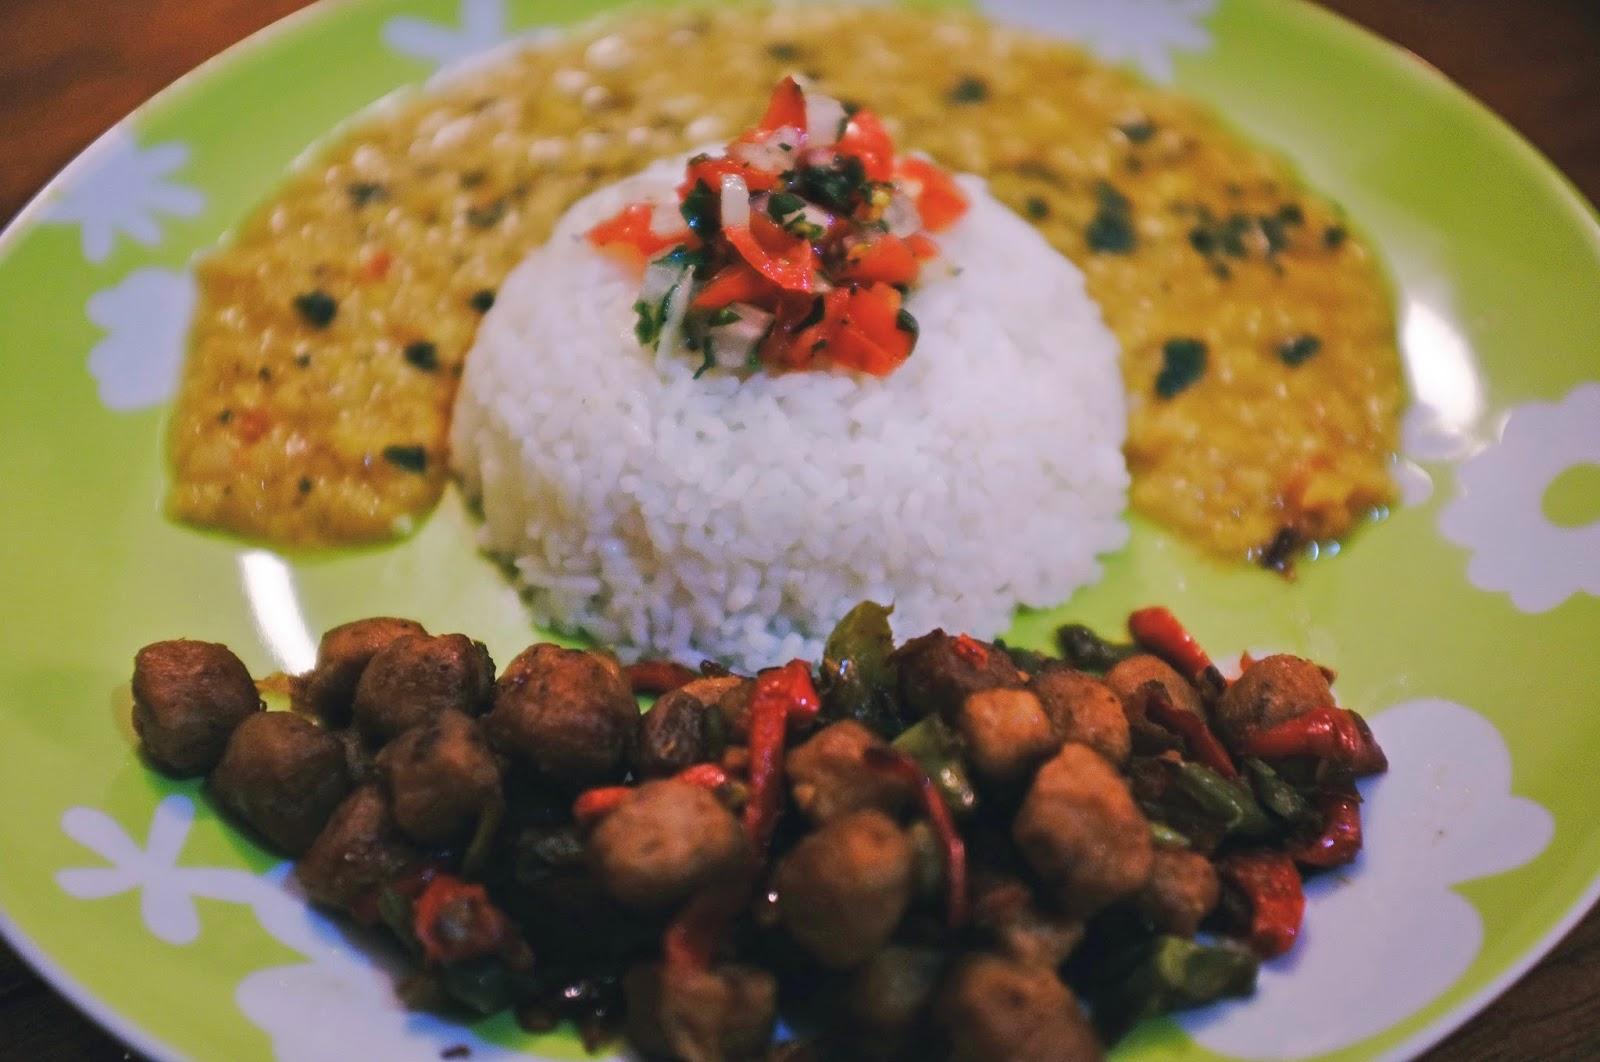 Recette Vegetarienne Lentilles Corail Et Soja Chunks